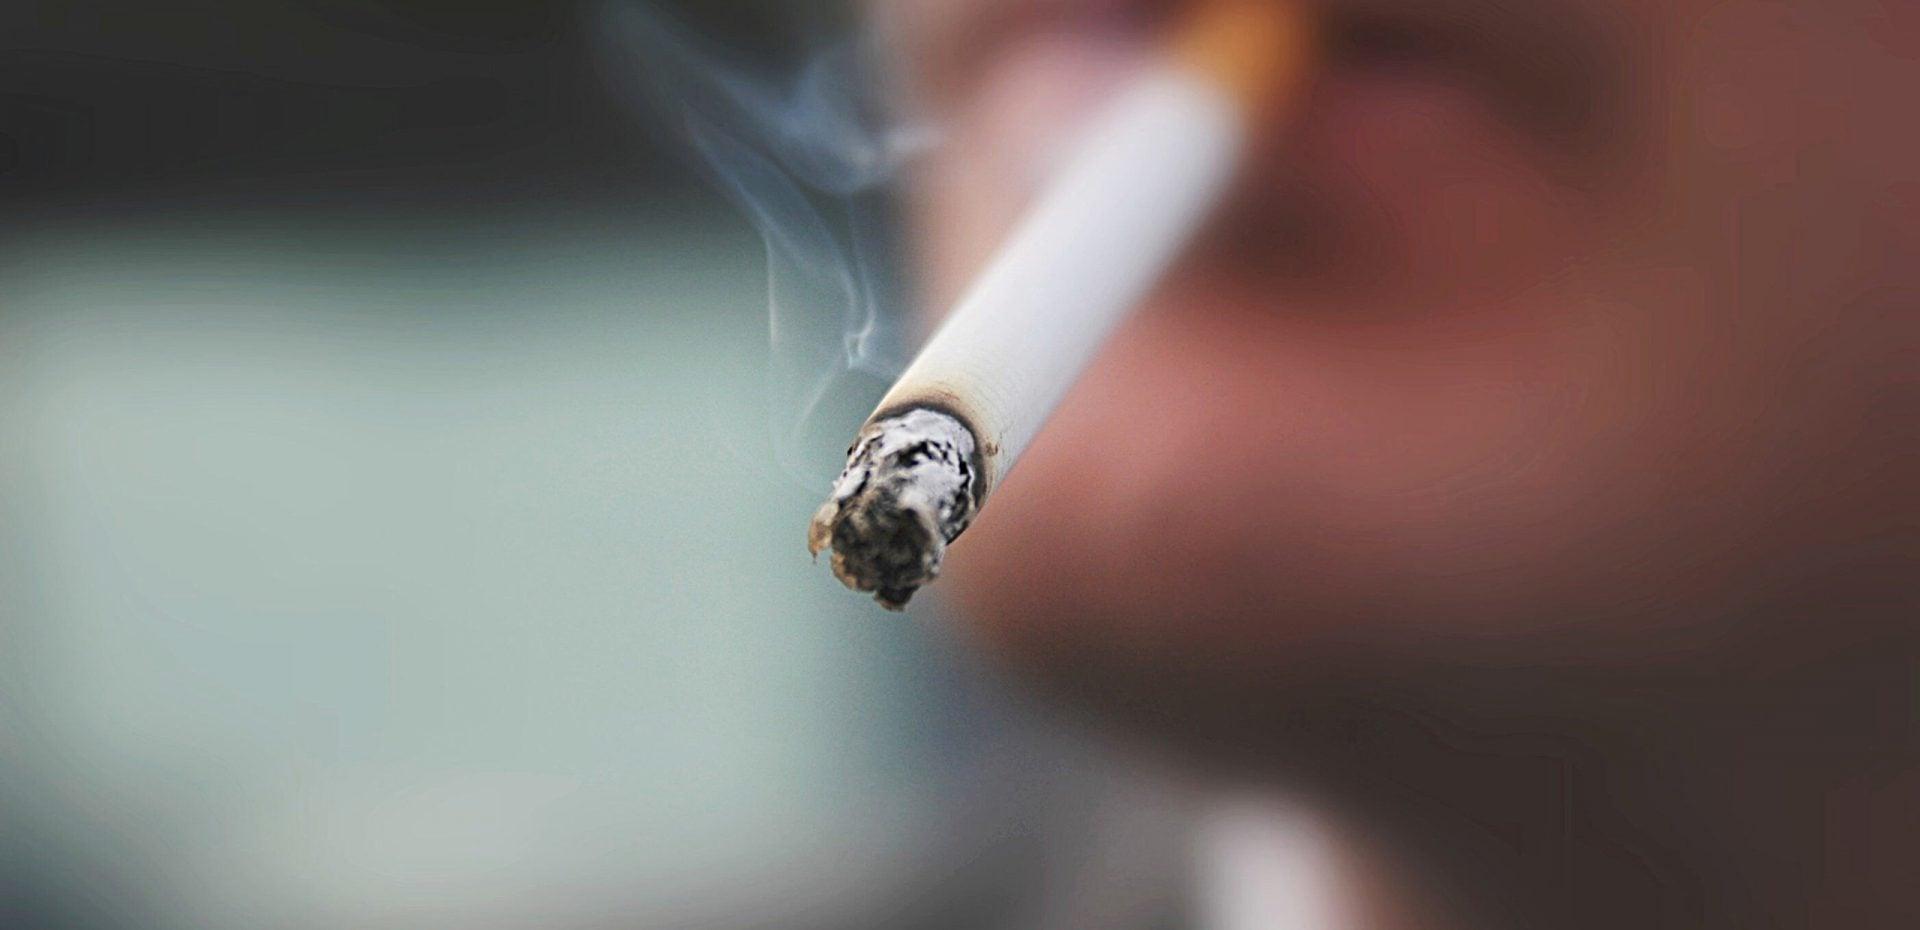 بیشترین مصرف سیگار